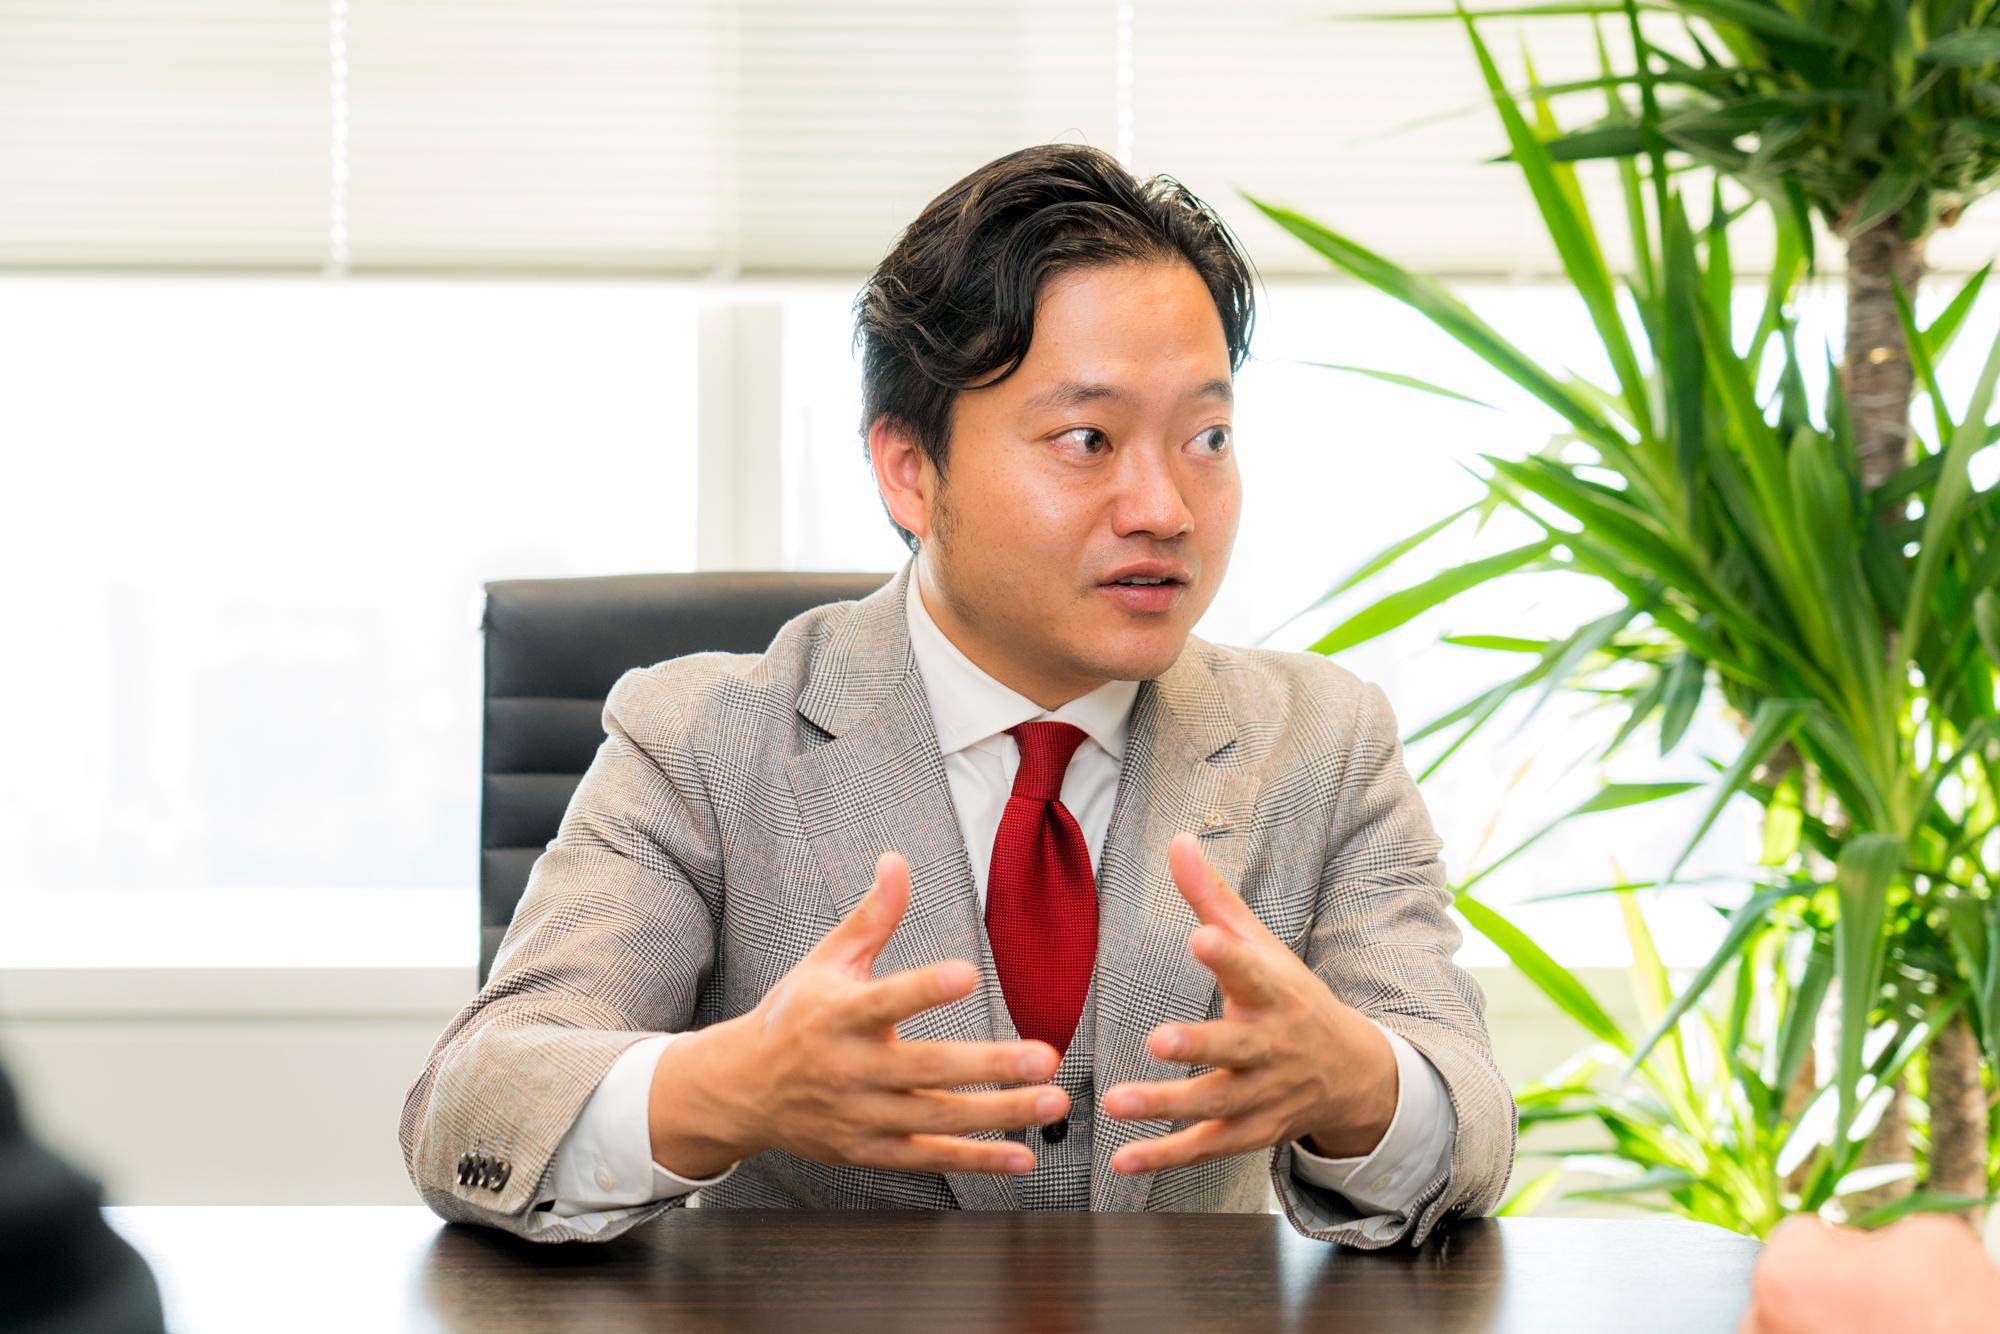 株式会社エボラブルアジア 吉村英毅 代表取締役CEO 画像-2